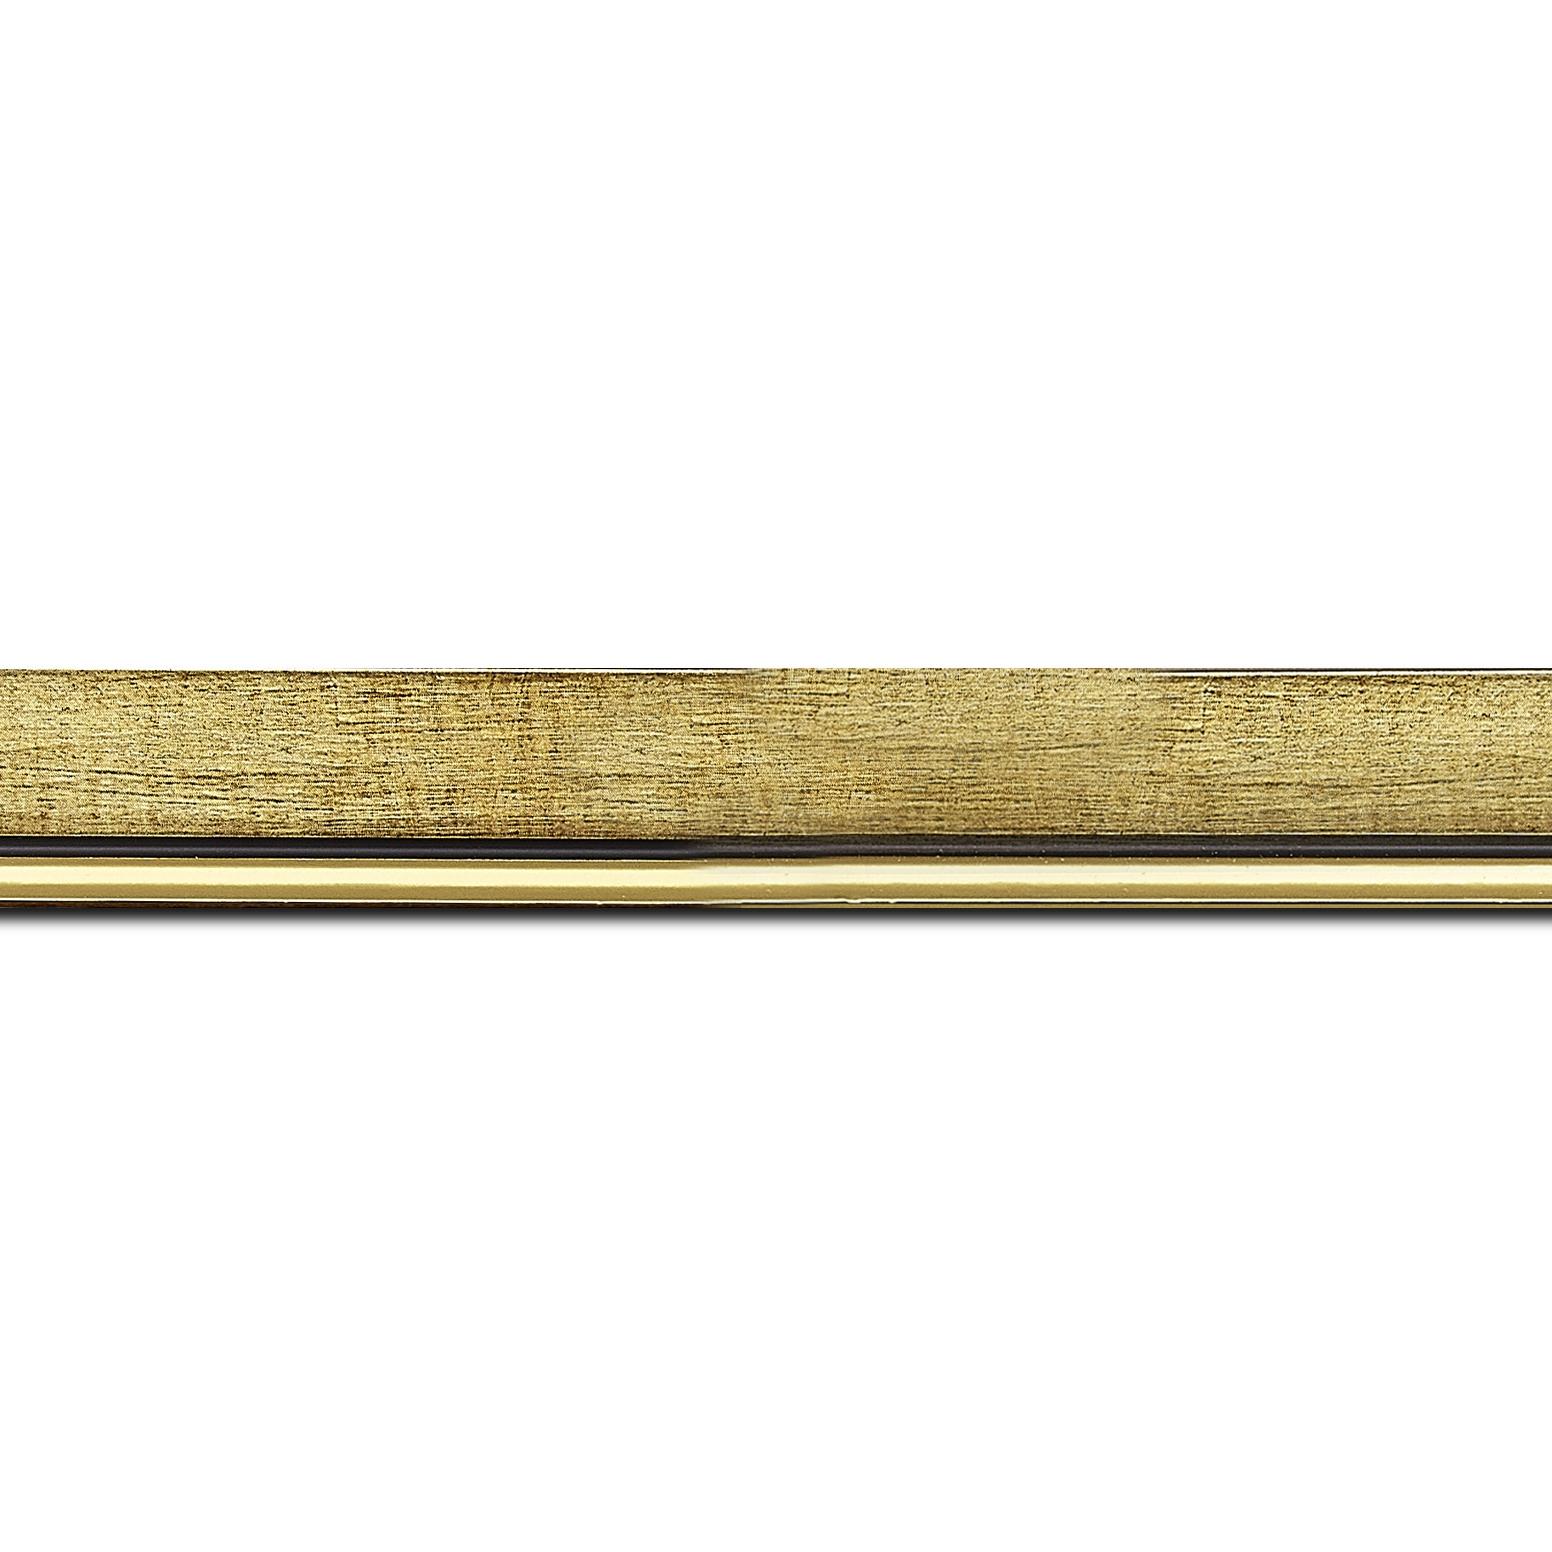 Pack par 12m, bois profil plat largeur 2.5cm couleur or filet or surligné noir (longueur baguette pouvant varier entre 2.40m et 3m selon arrivage des bois)